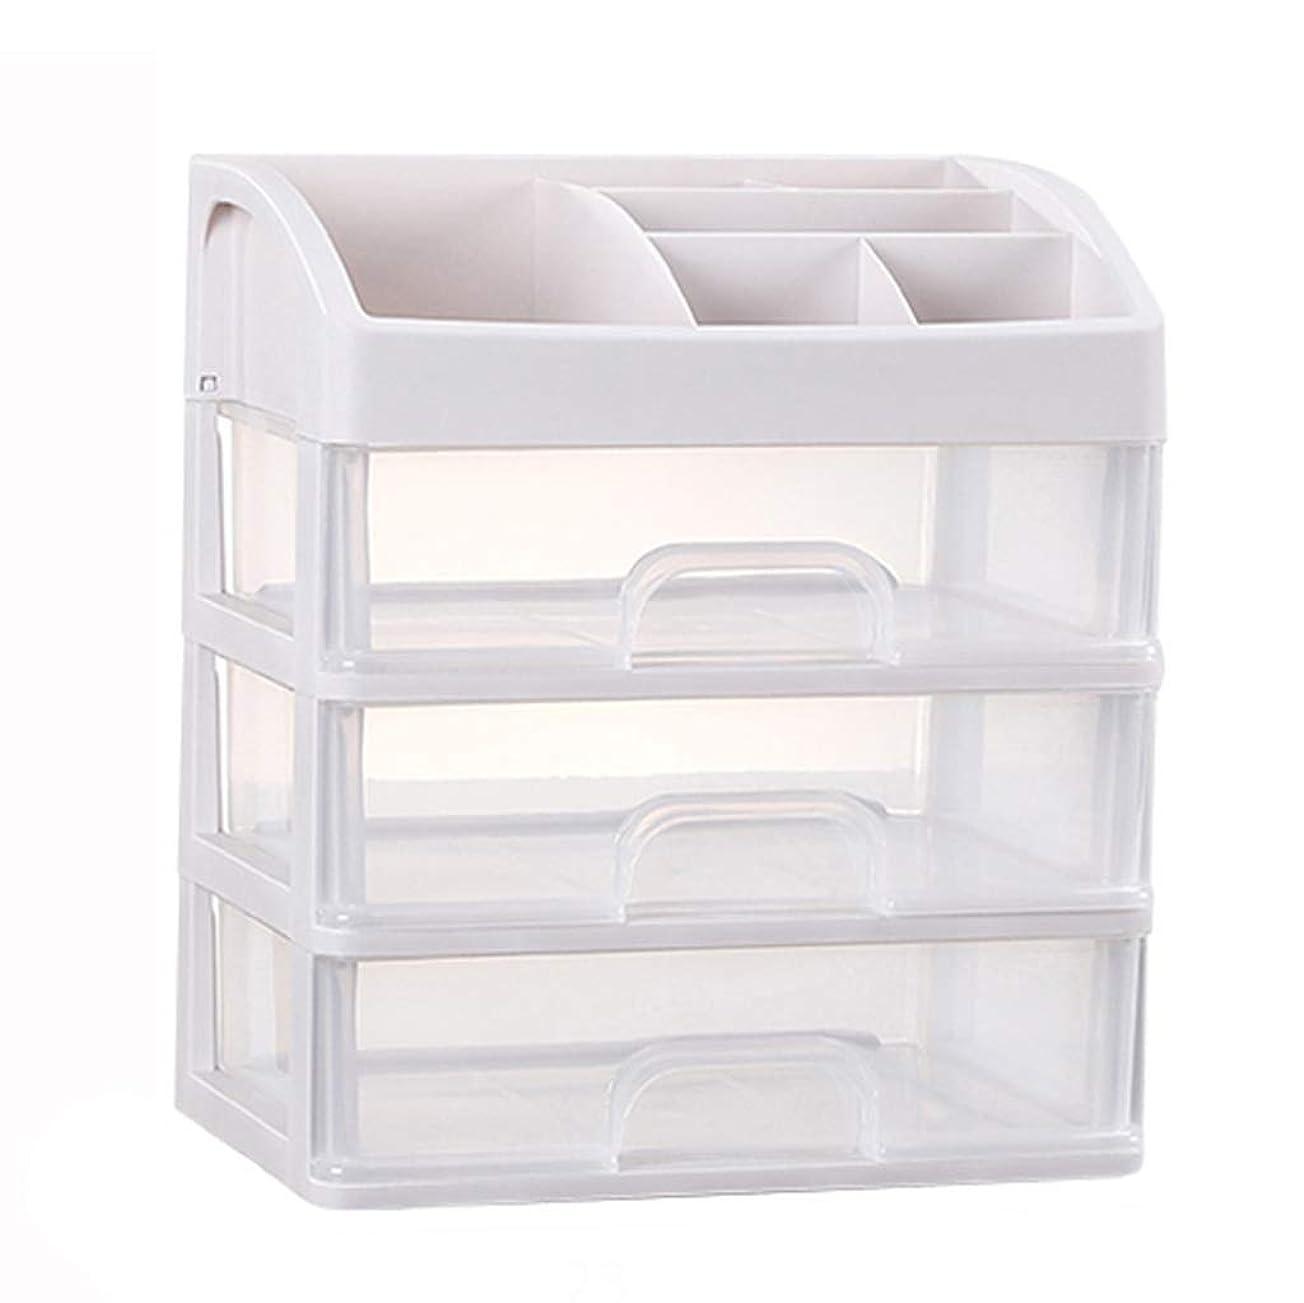 緩む無人定説KKY-ENTER プラスチックシンプル化粧品収納ボックス透明引き出しタイプ口紅ジュエリースキンケア製品収納ディスプレイボックス (サイズ さいず : 23.3*17*26.8cm)